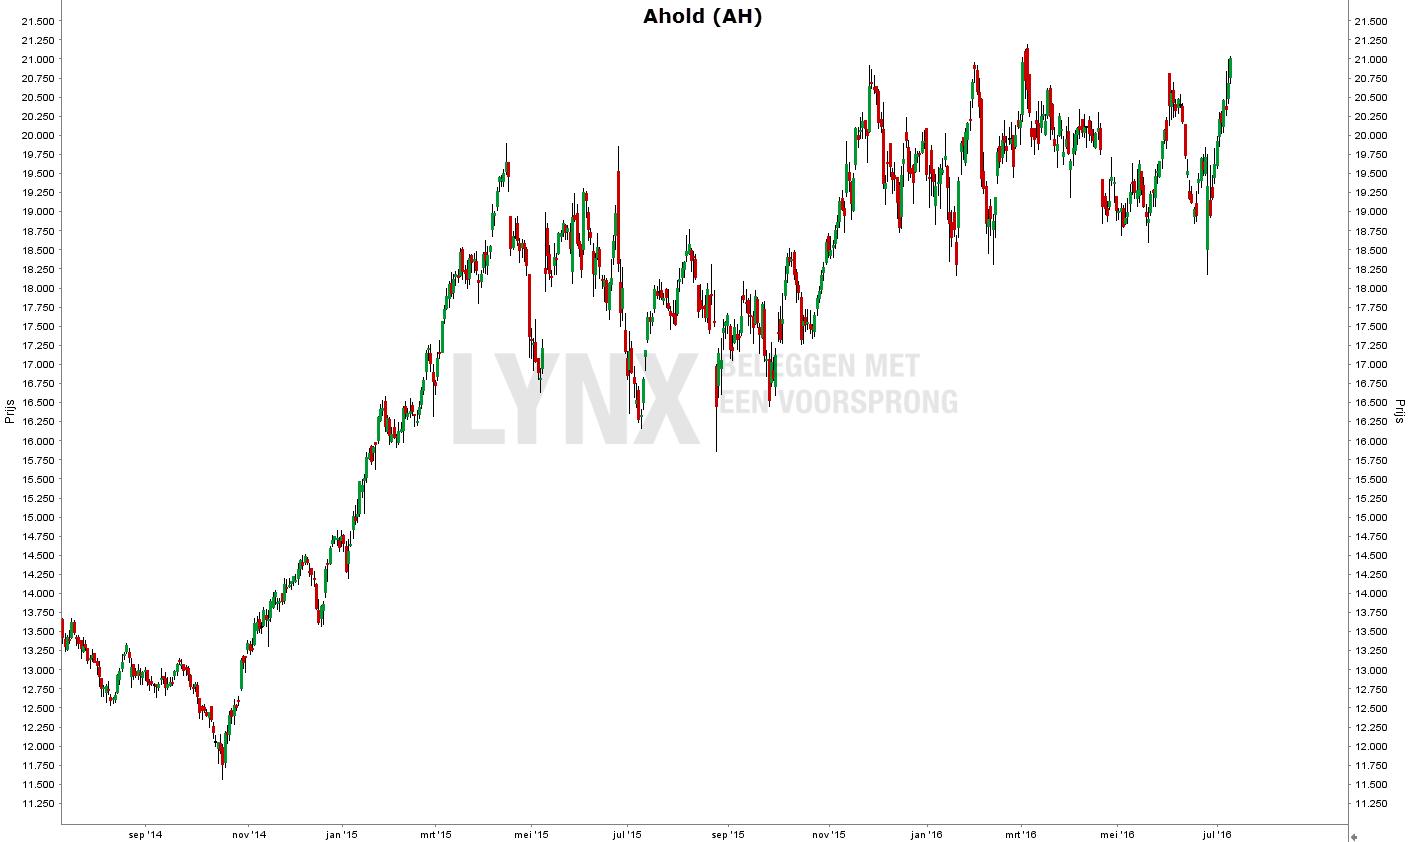 Koers van het aandeel Ahold afgelopen jaren